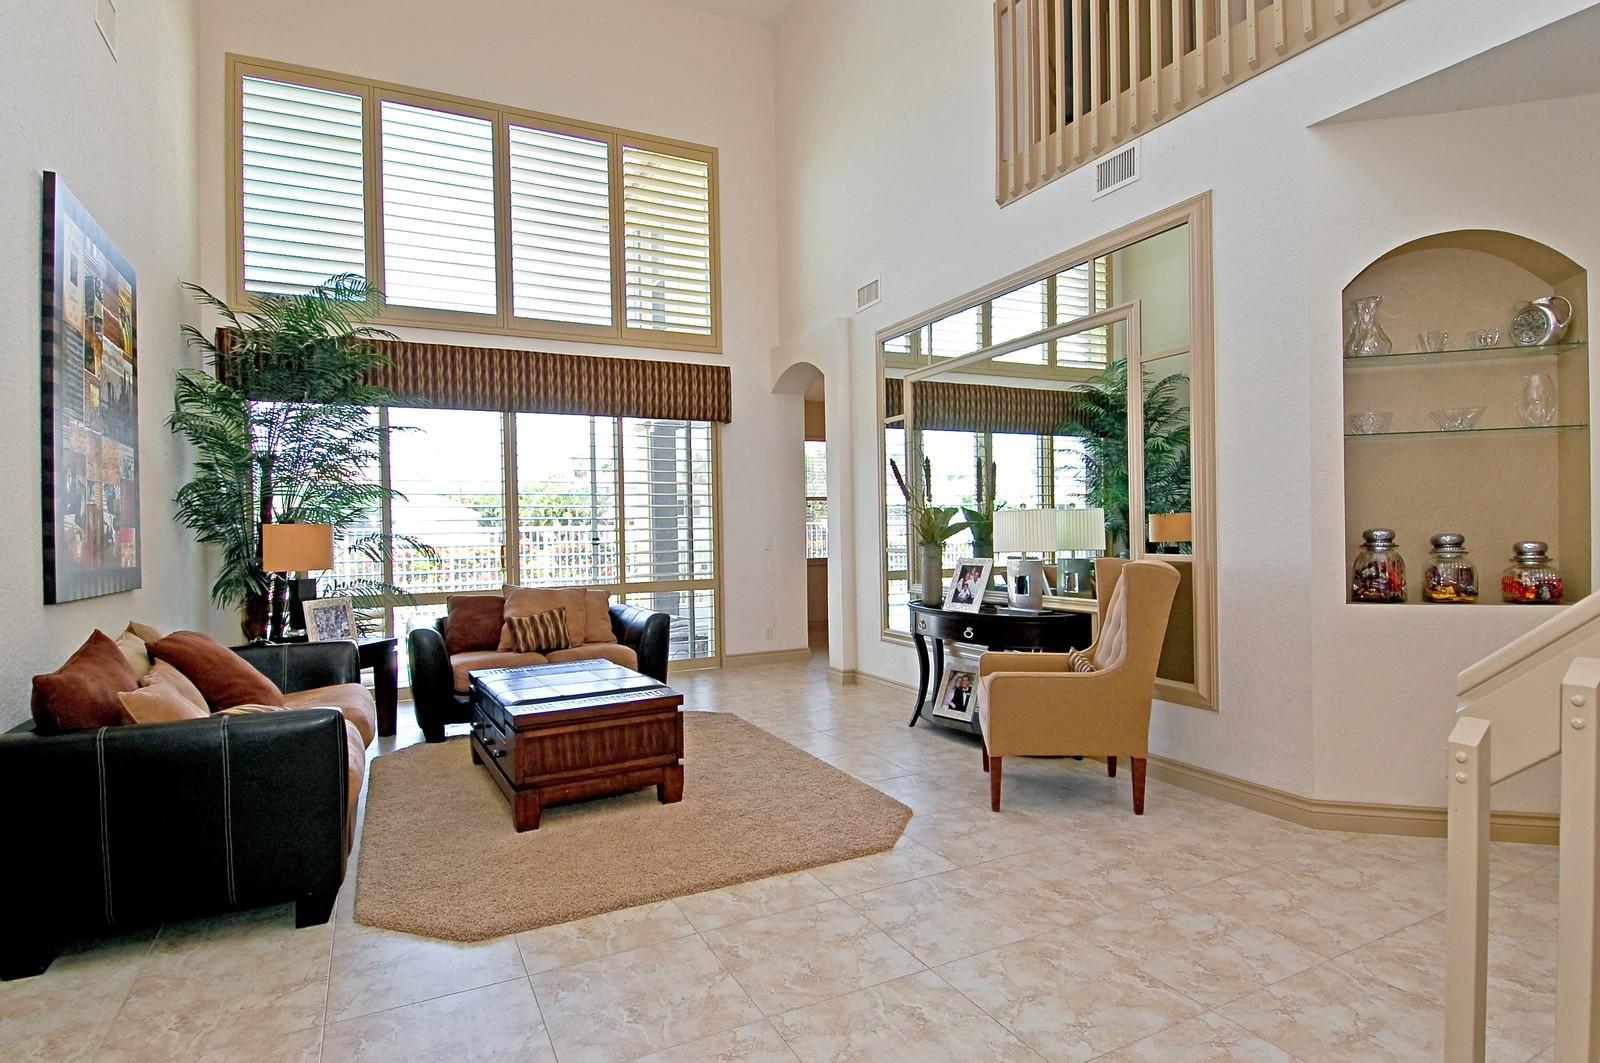 Real Estate Photography - 11308 Sea Grass Cir, Boca Raton, FL, 33498 - Living Room